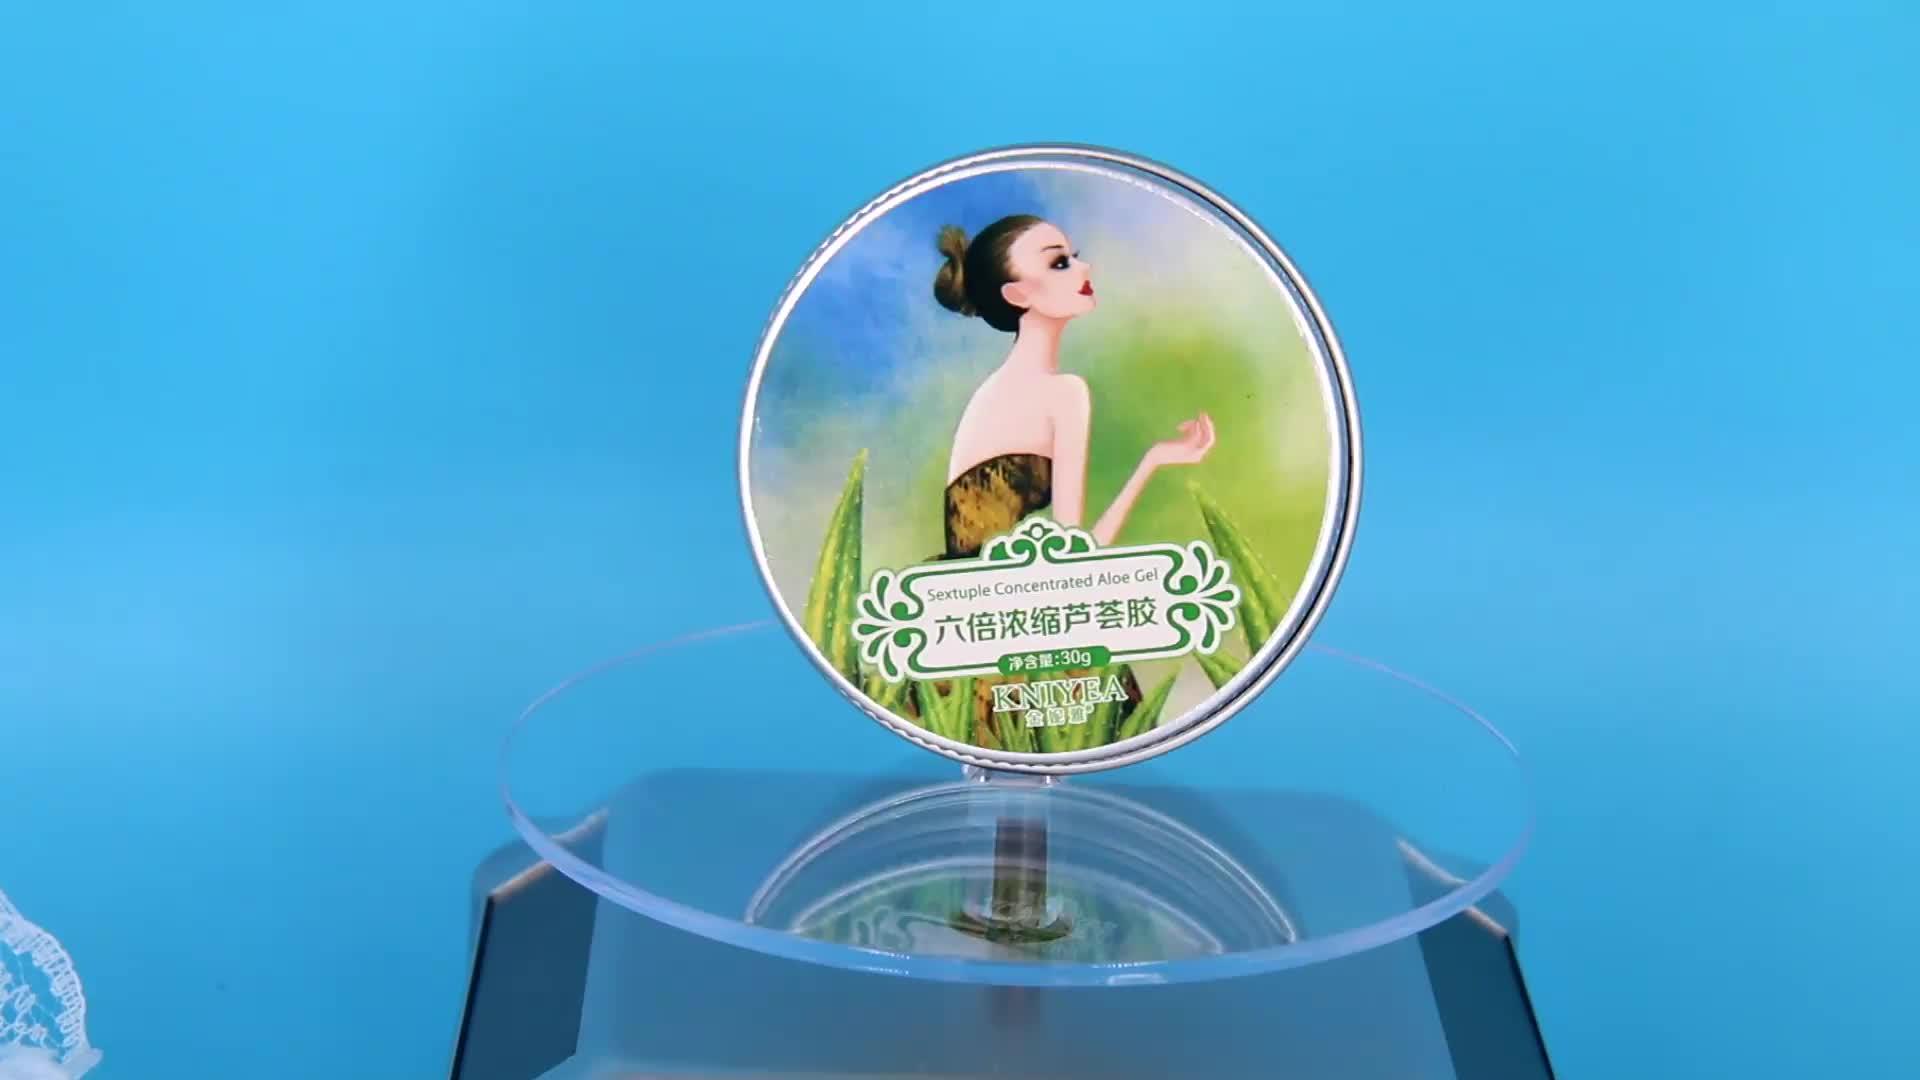 OEM ODM personalizzato logo privata di alleggerimento della pelle levigante crema per il viso naturale organico 100% puro di aloe vera gel